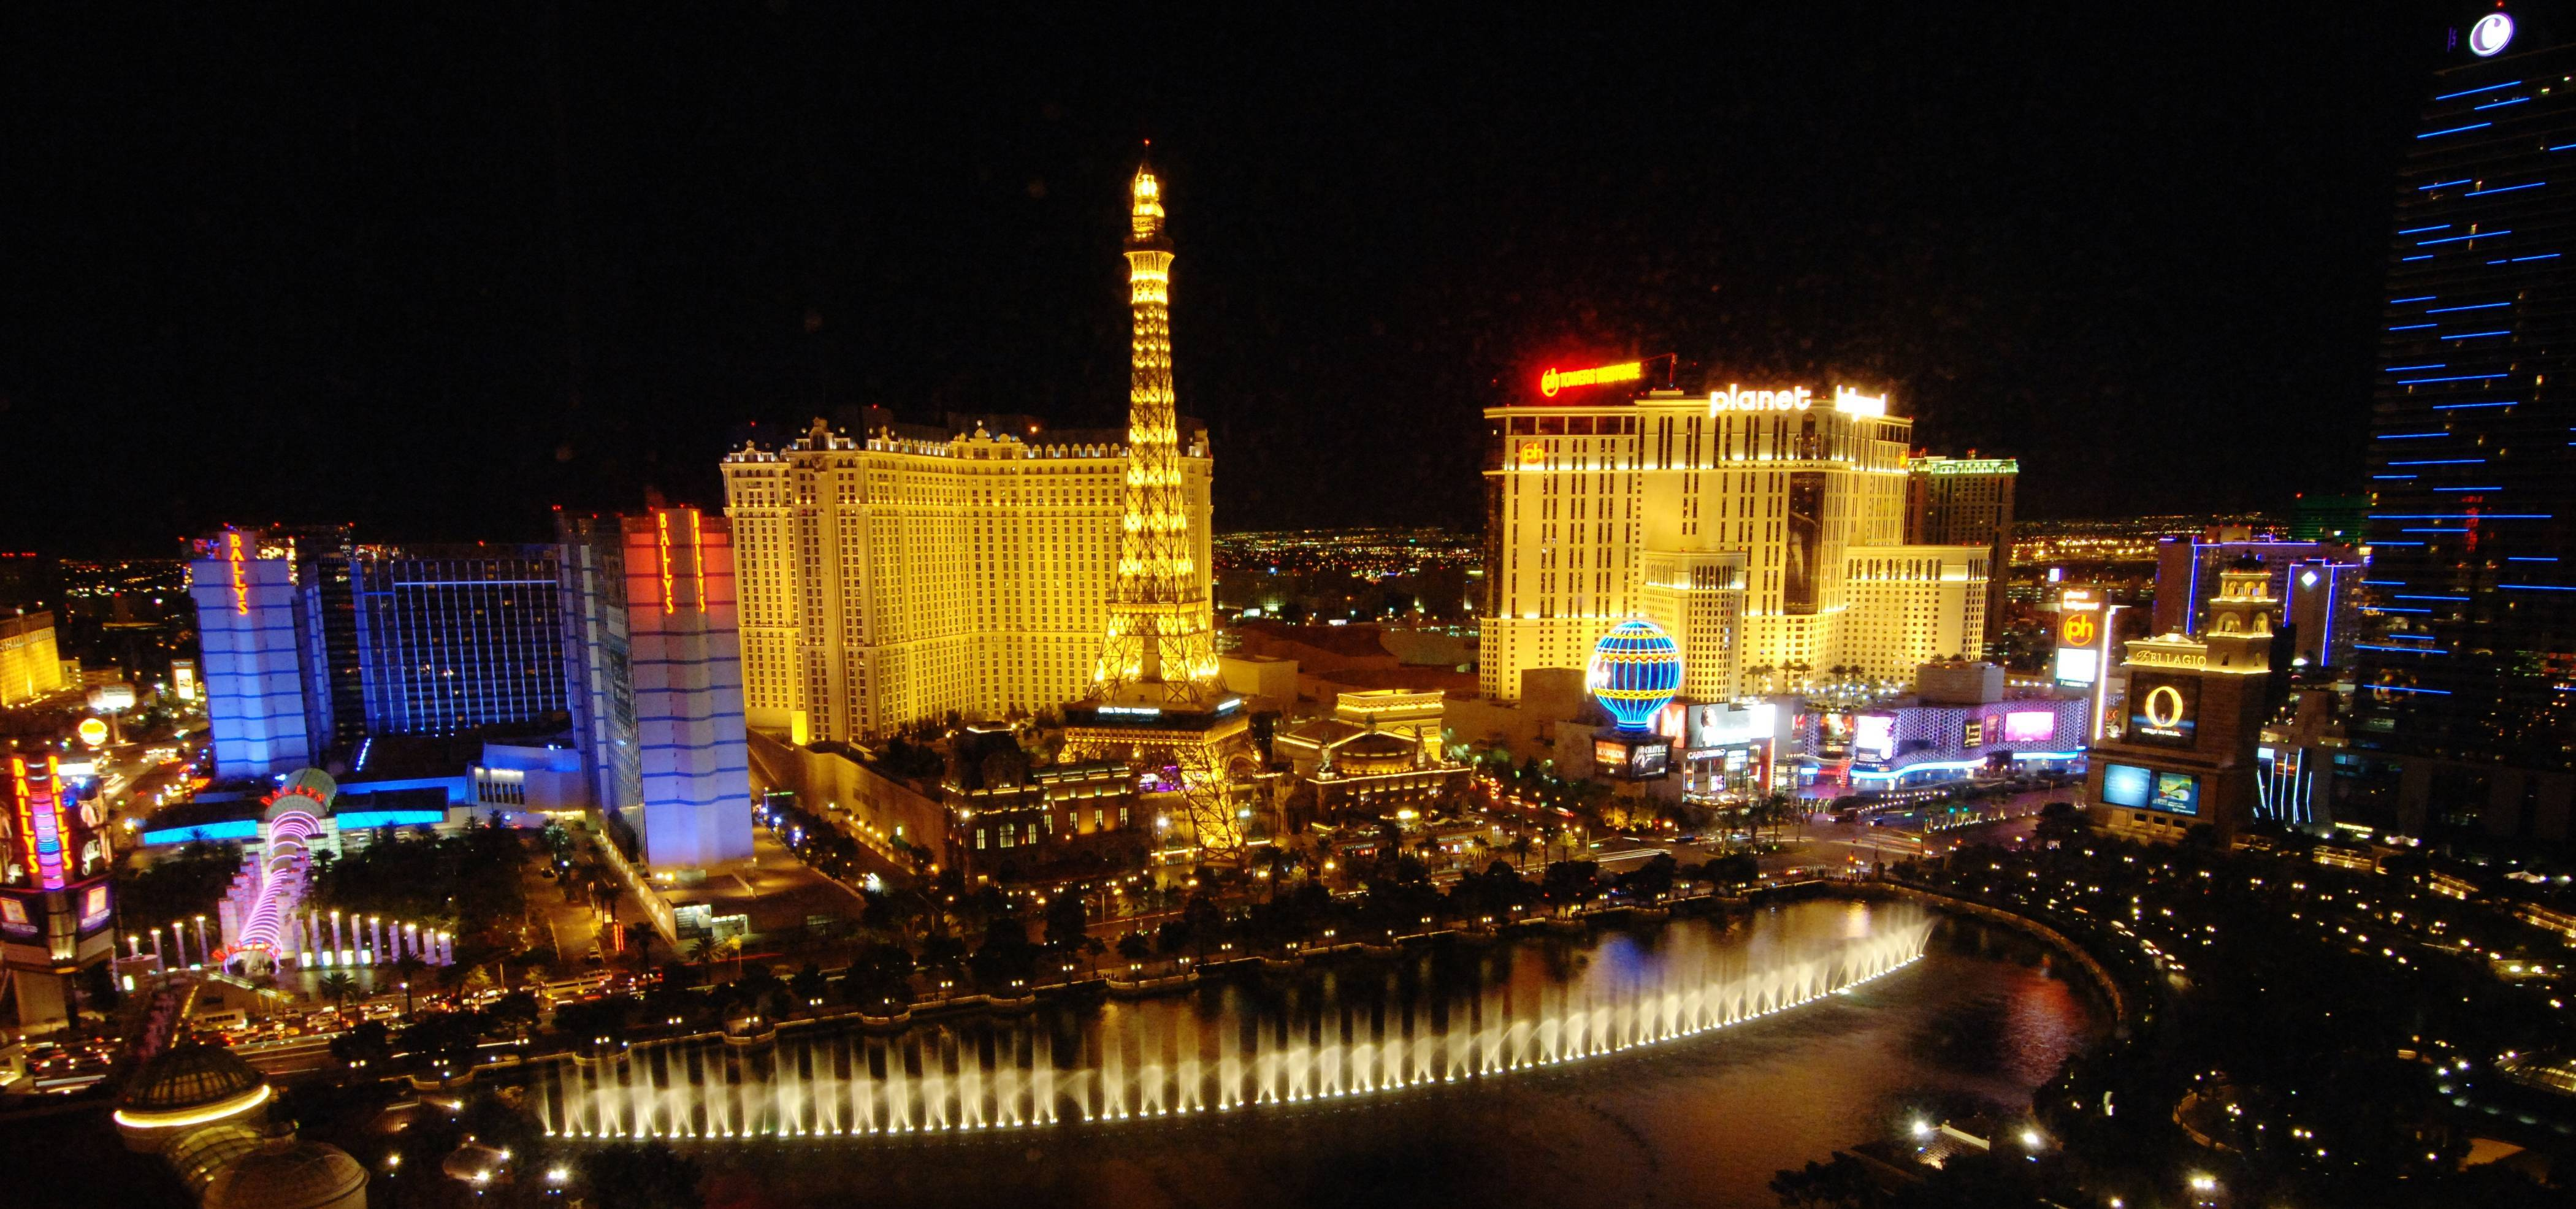 usa online casino no deposit free spins